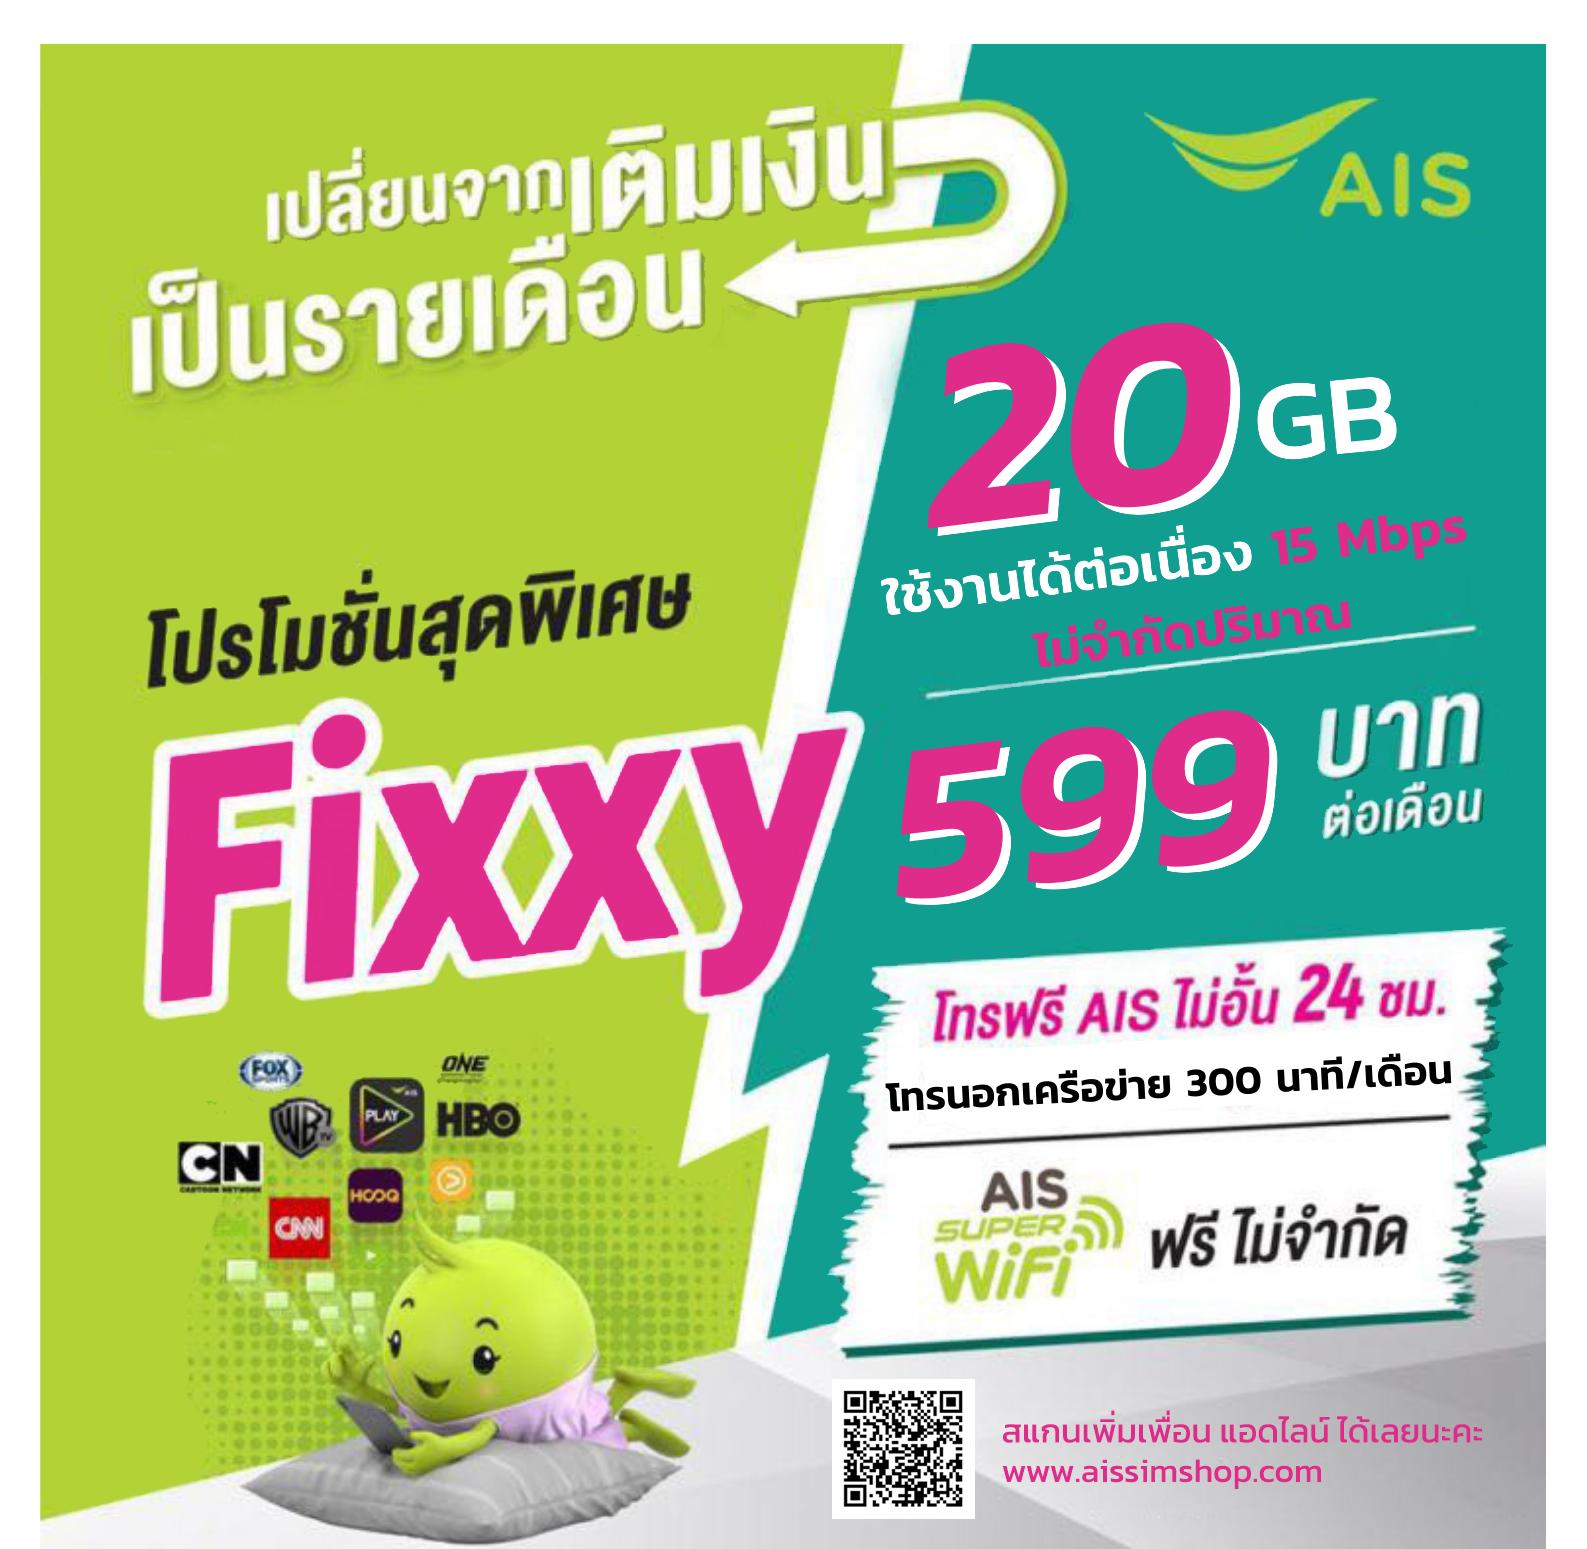 Fixxy 599